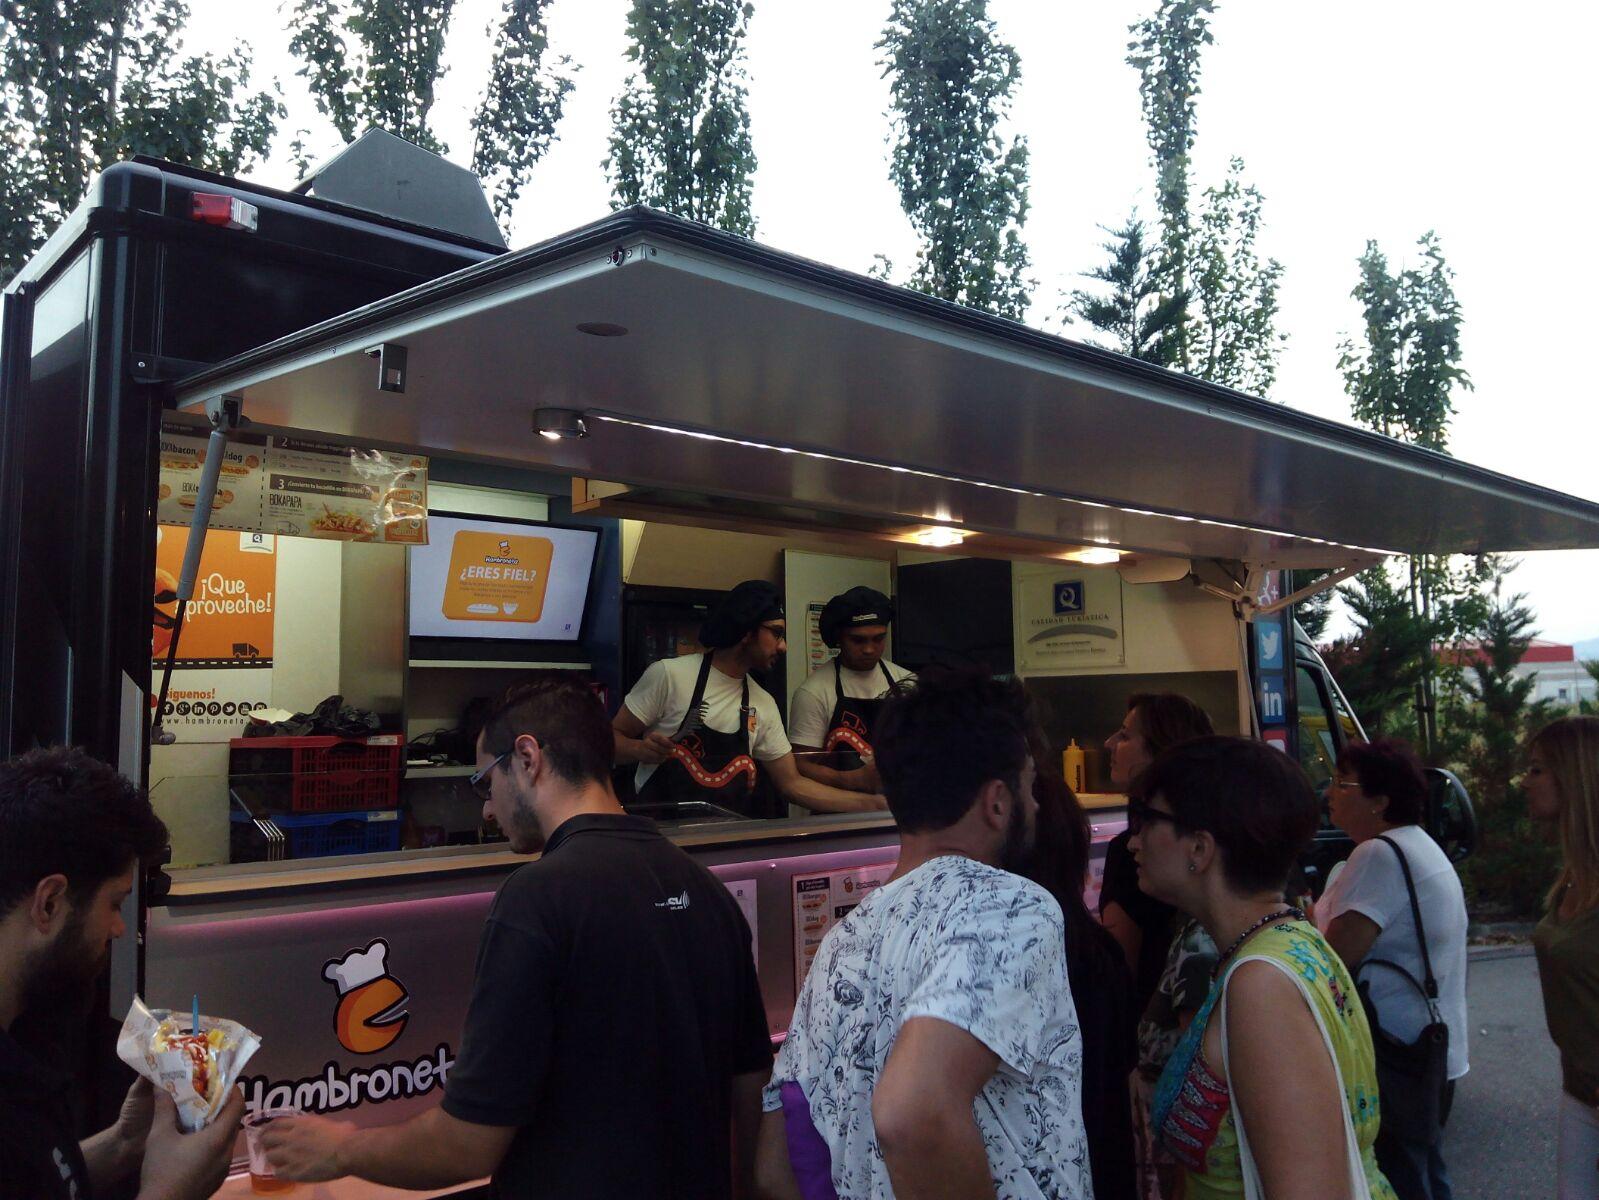 fiebre-food-trucks-nuevo-concepto-comida-rapida